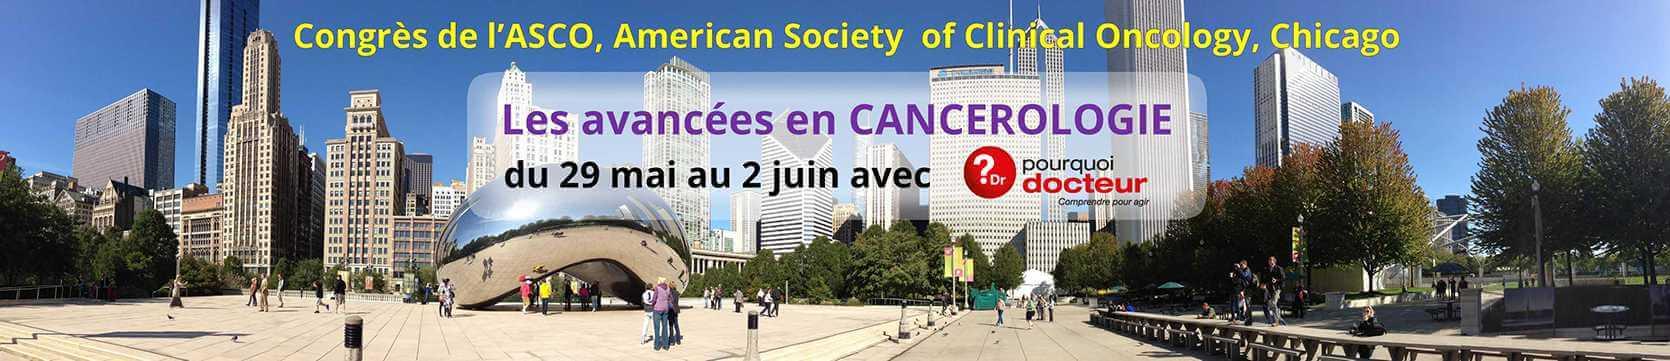 Les avancées en CANCEROLOGIE